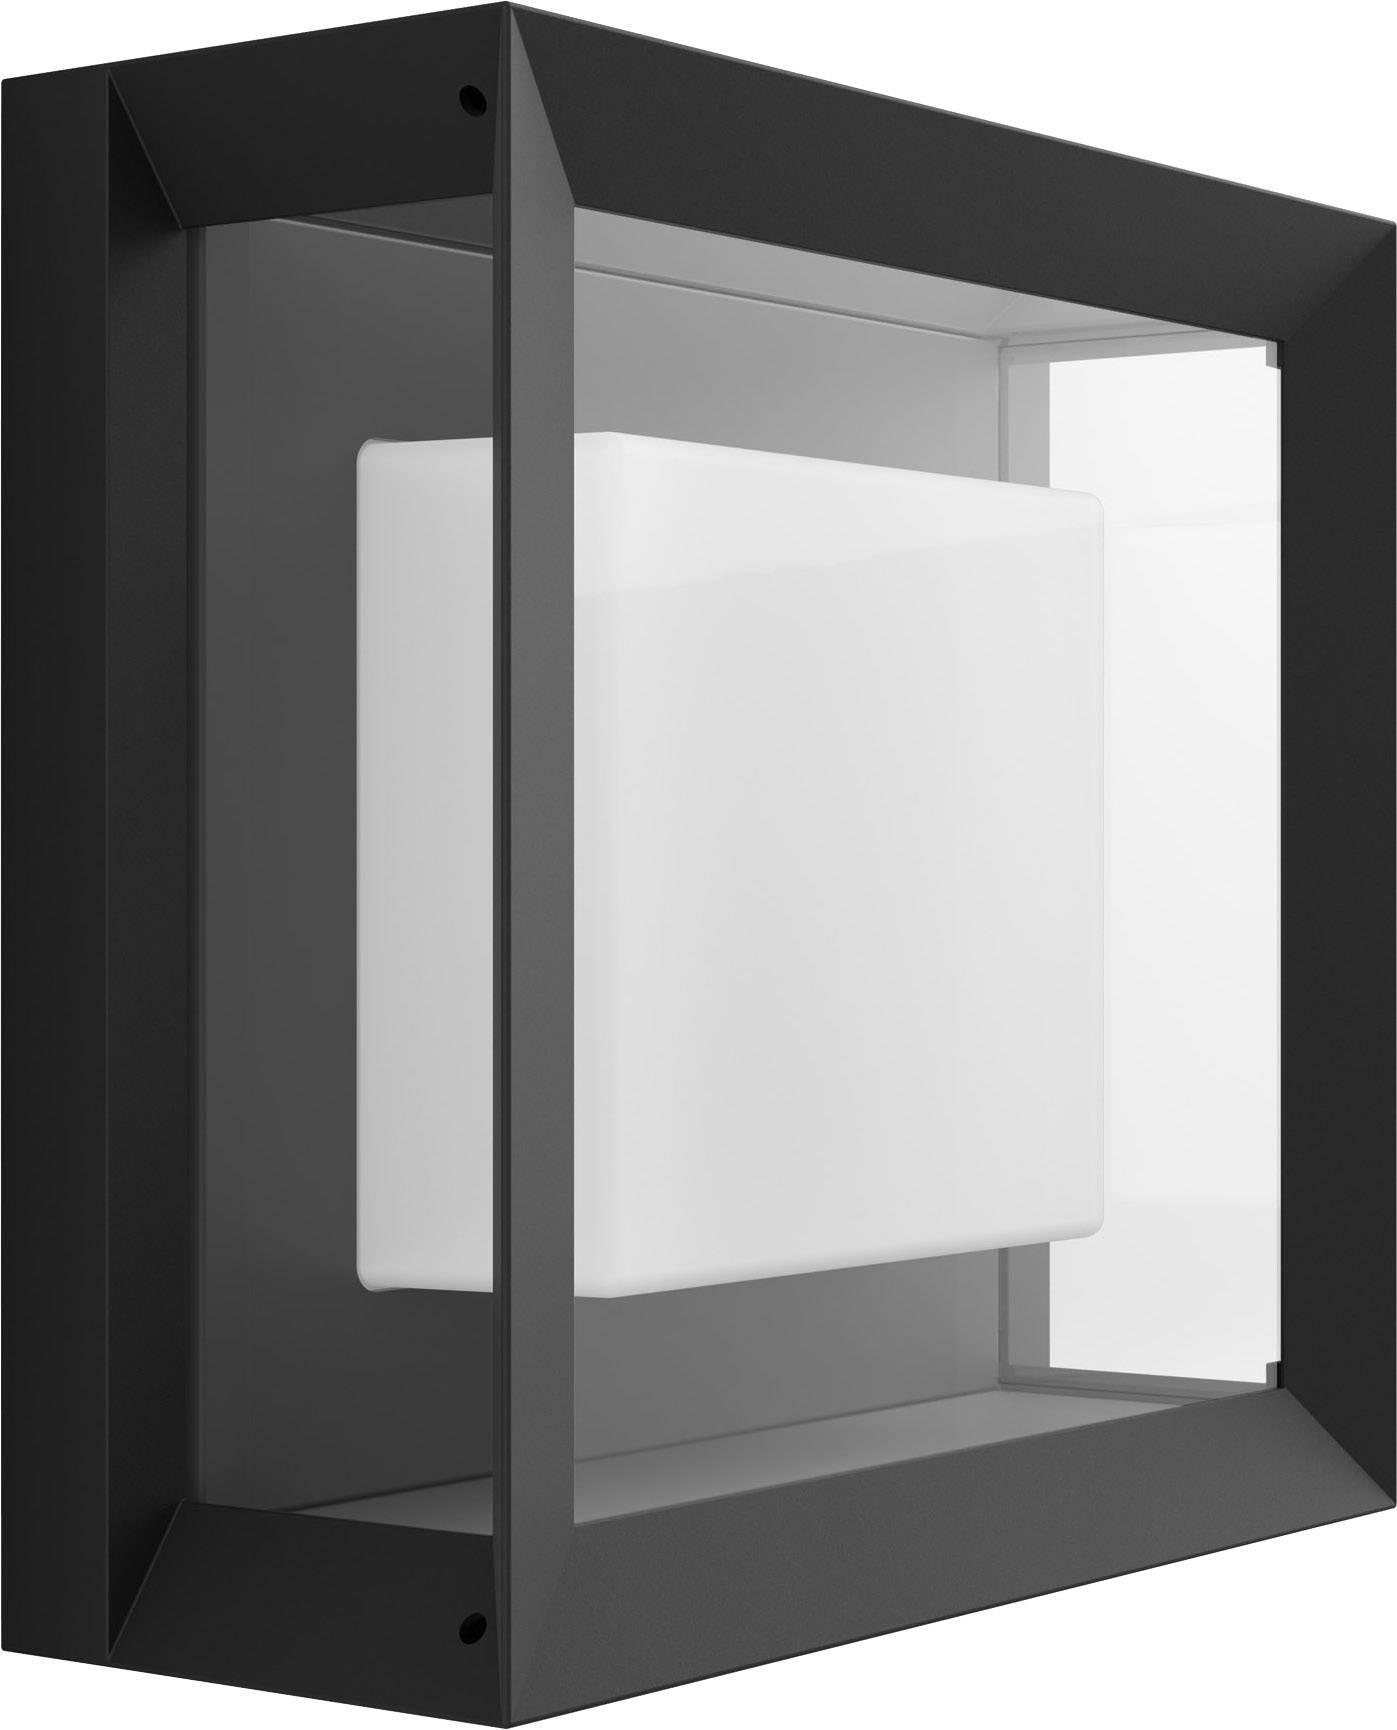 izdelek-philips-lighting-hue-led-zunanja-stenska-svetilka-econic-led-2